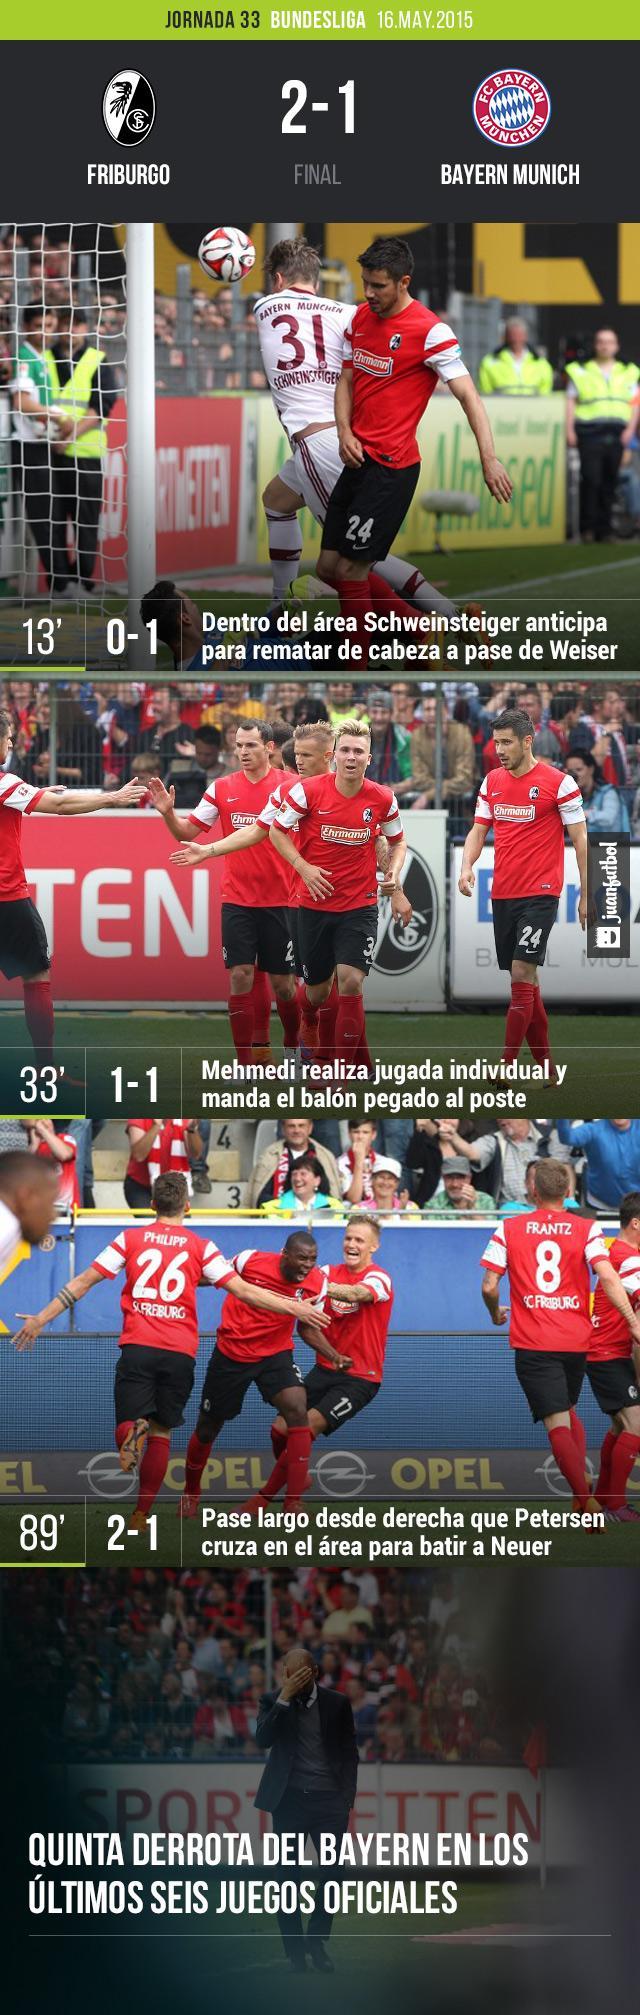 Bayern Munich cayó 2-1 con Friburgo en la Bundesliga